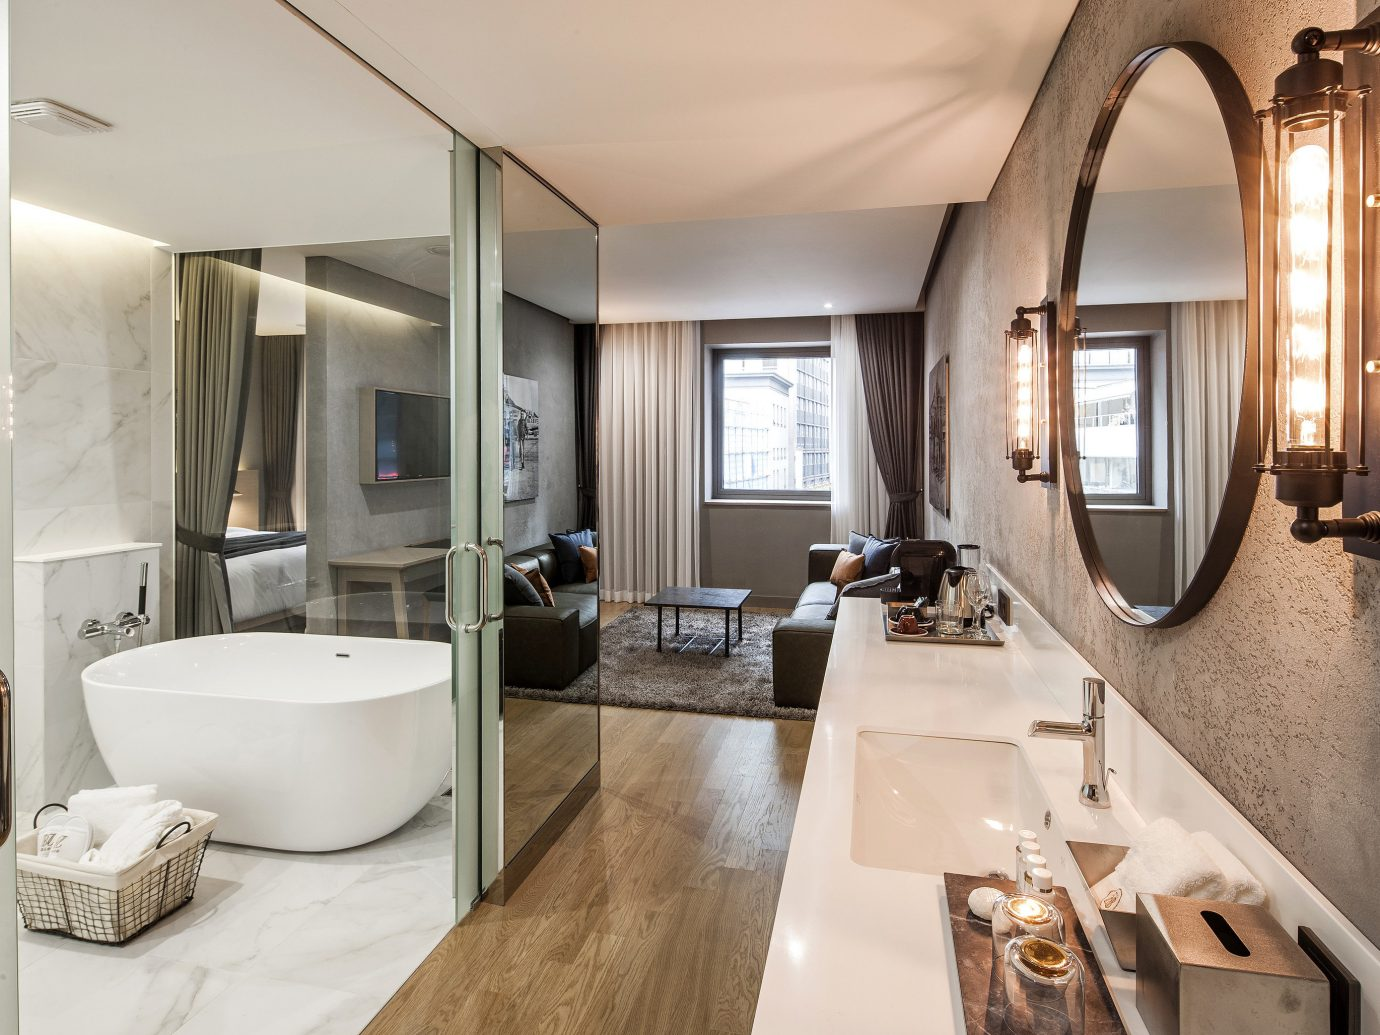 Hotels Luxury Travel indoor wall bathroom window floor room interior design ceiling sink Suite real estate estate interior designer Bath tub decorated